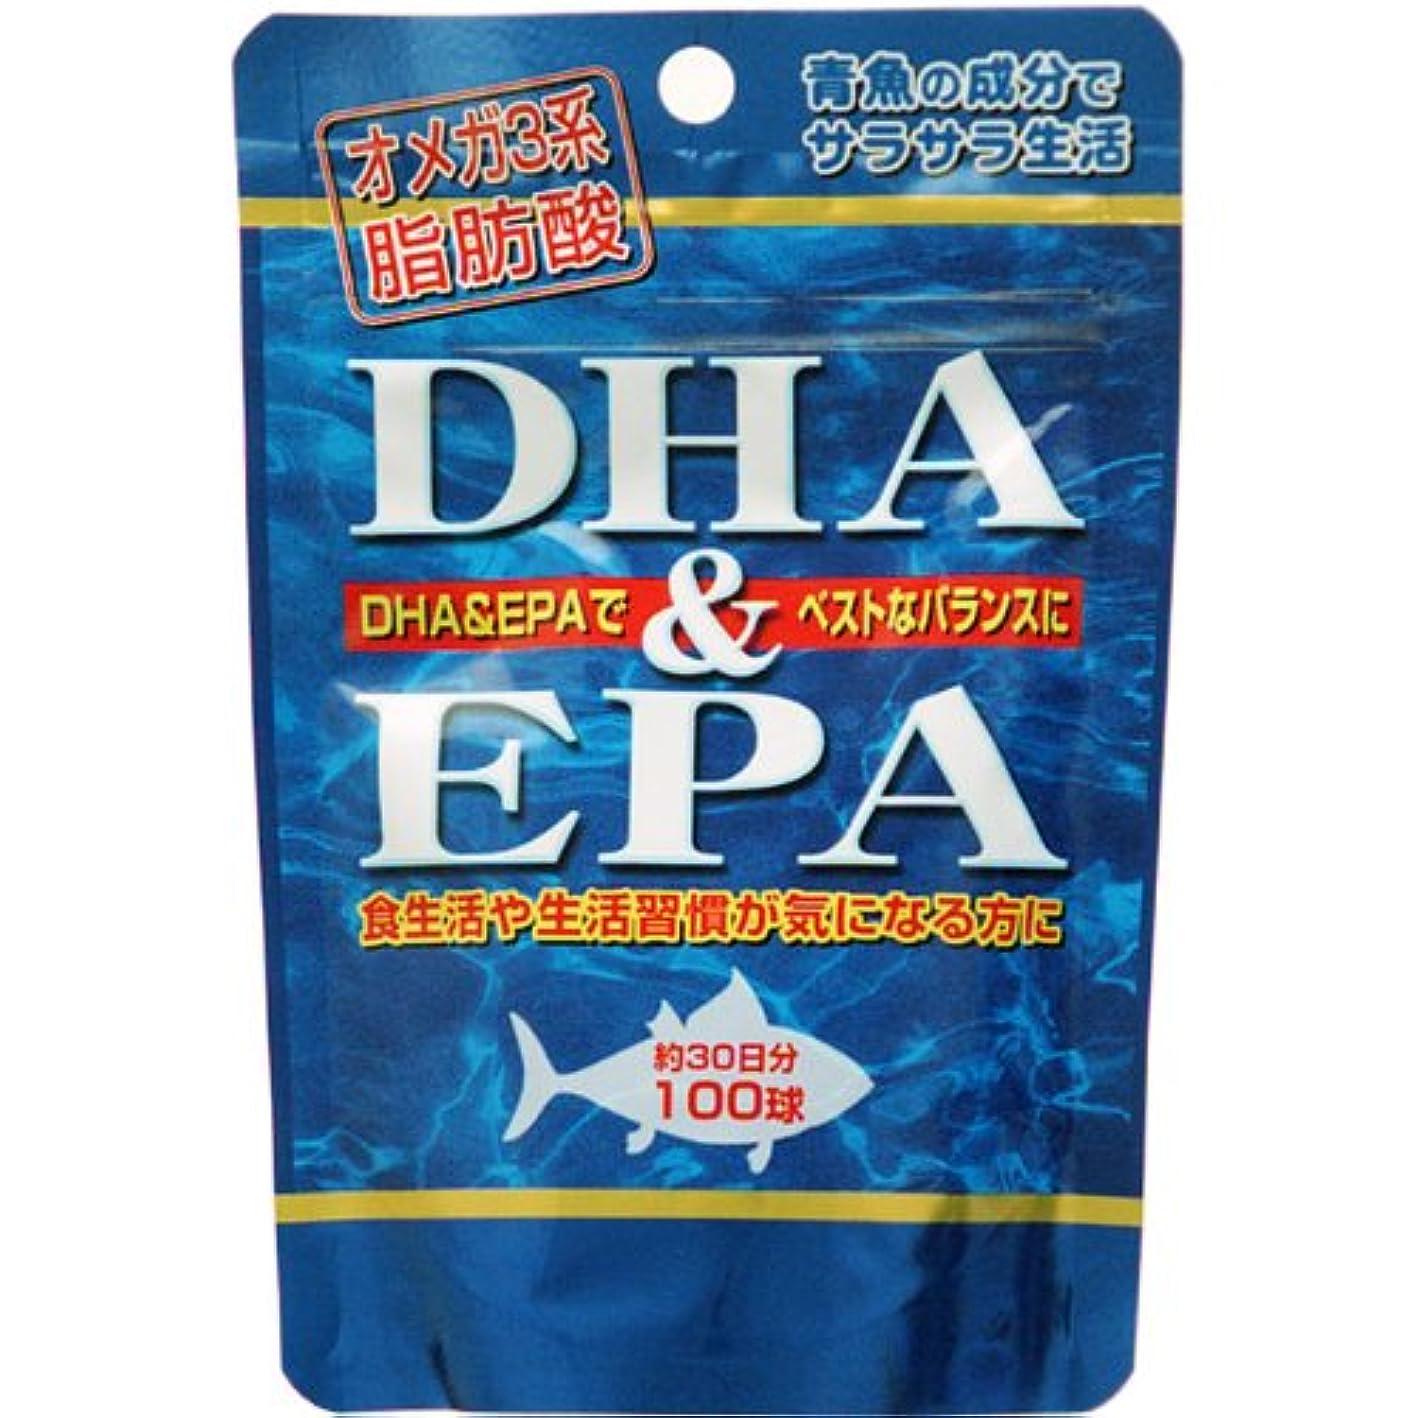 入る委員会経験者DHA(ドコサヘキサエン酸)&EPA(エイコサペンタエン酸)